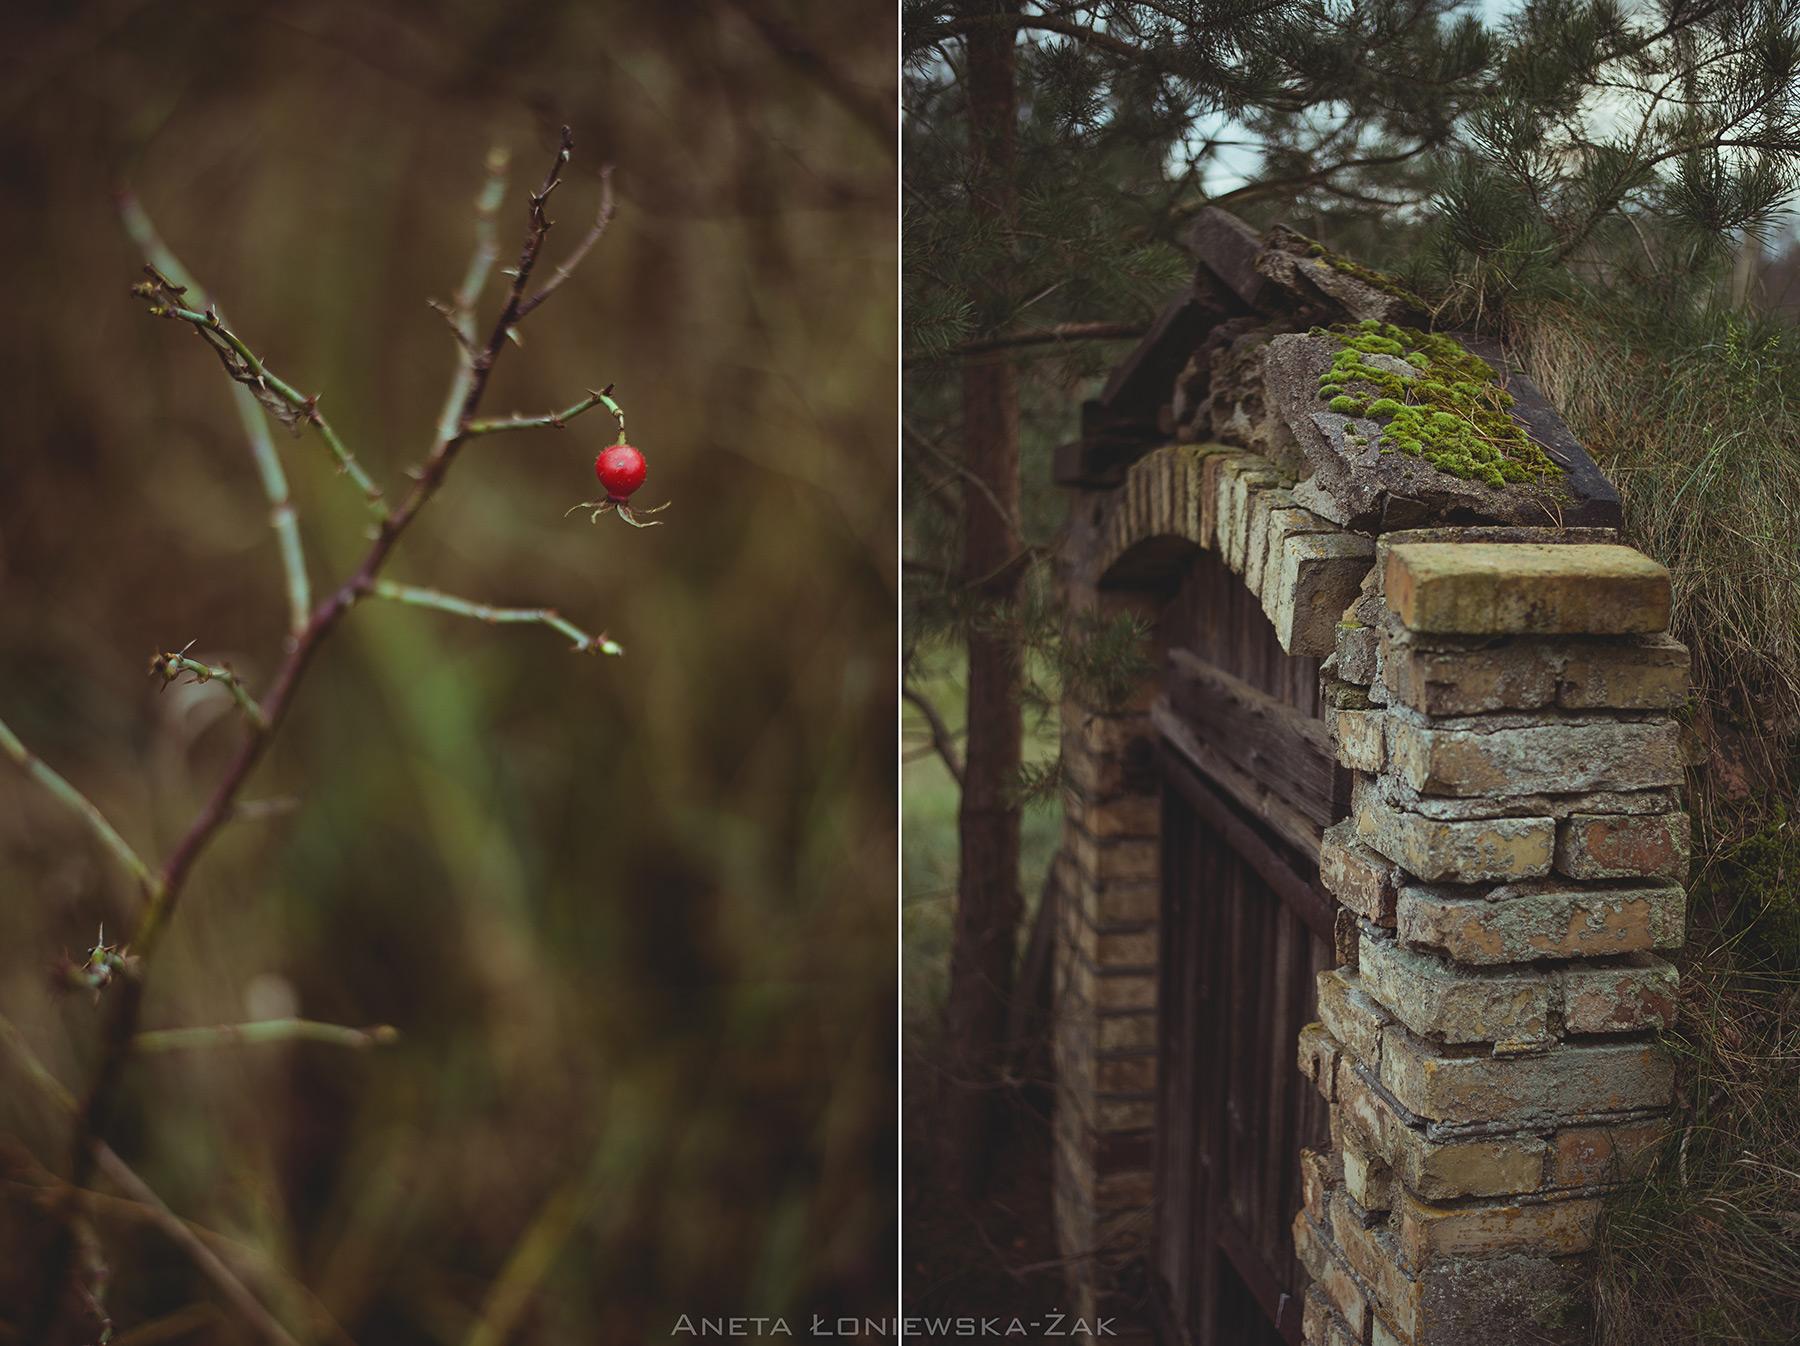 fotografia przyrodnicza, puszcza knyszyńska, podlasie, pkpk, piwnica ziemianka, stara cegła, dzika róża rosa canina